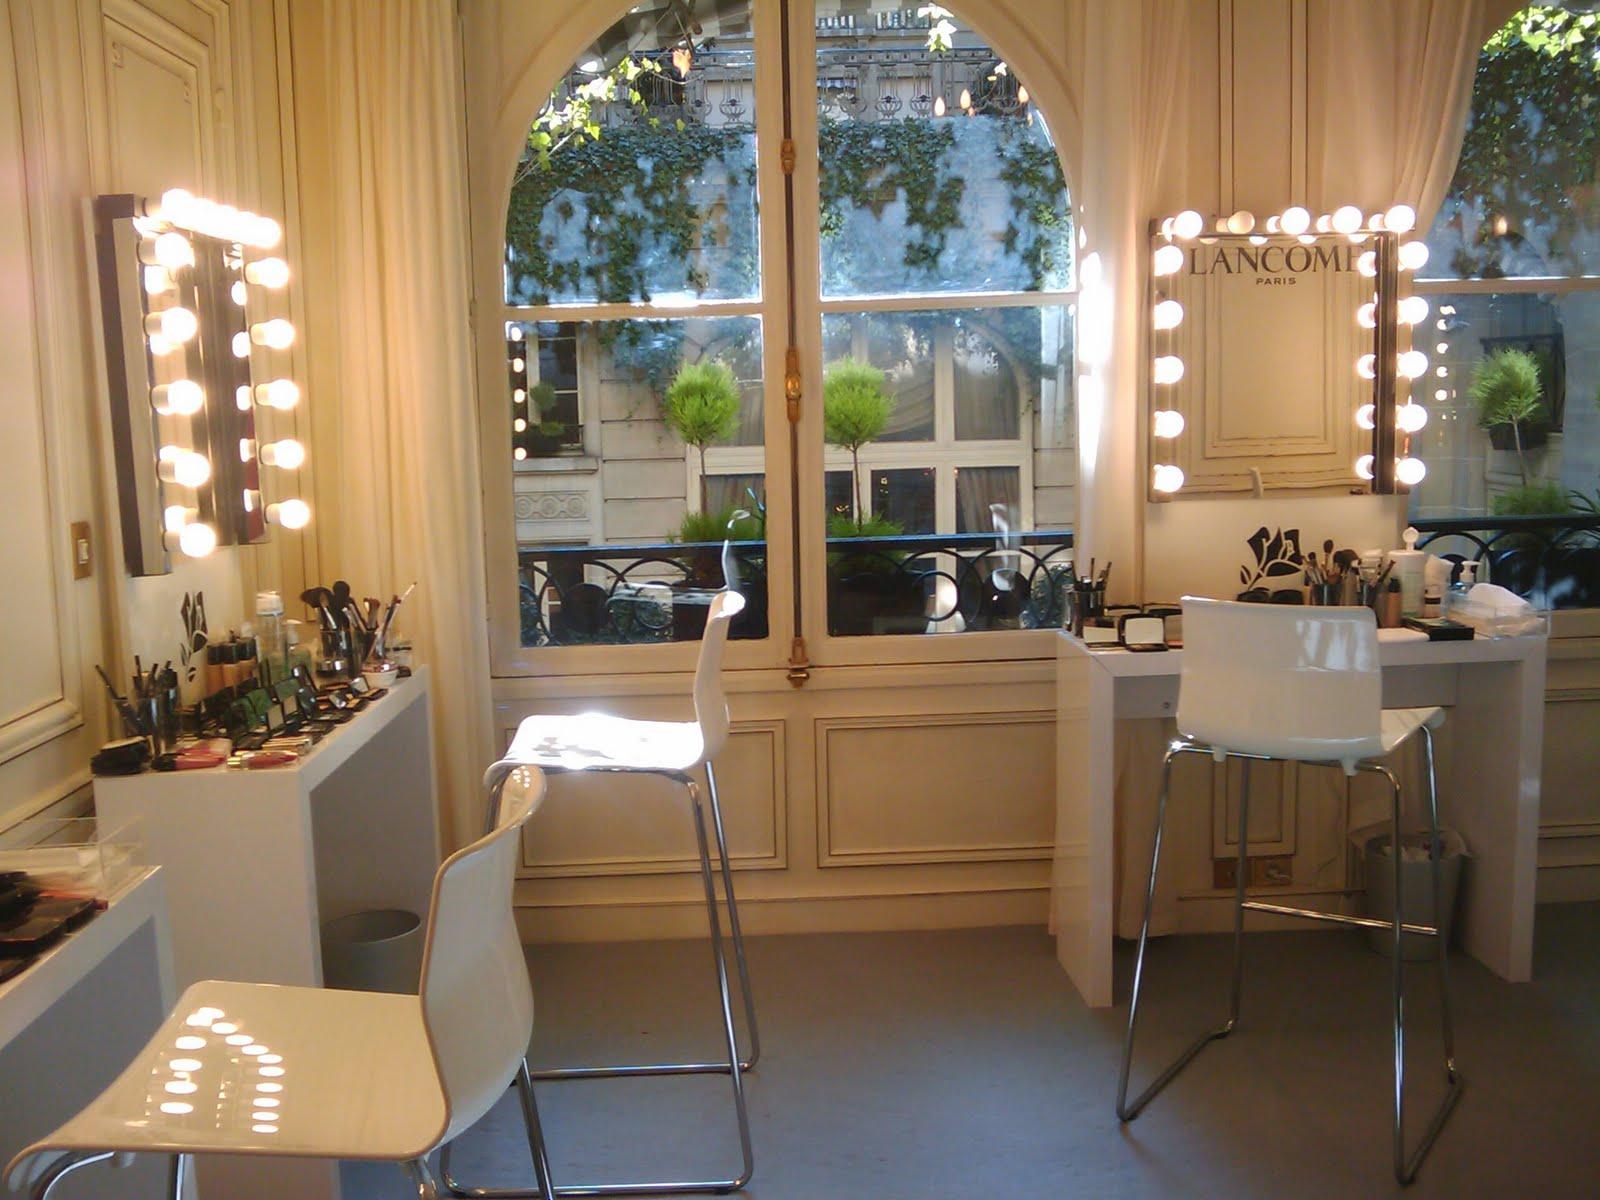 Makeup Artist Room Ideas - Mugeek Vidalondon on Makeup Room Ideas  id=60479